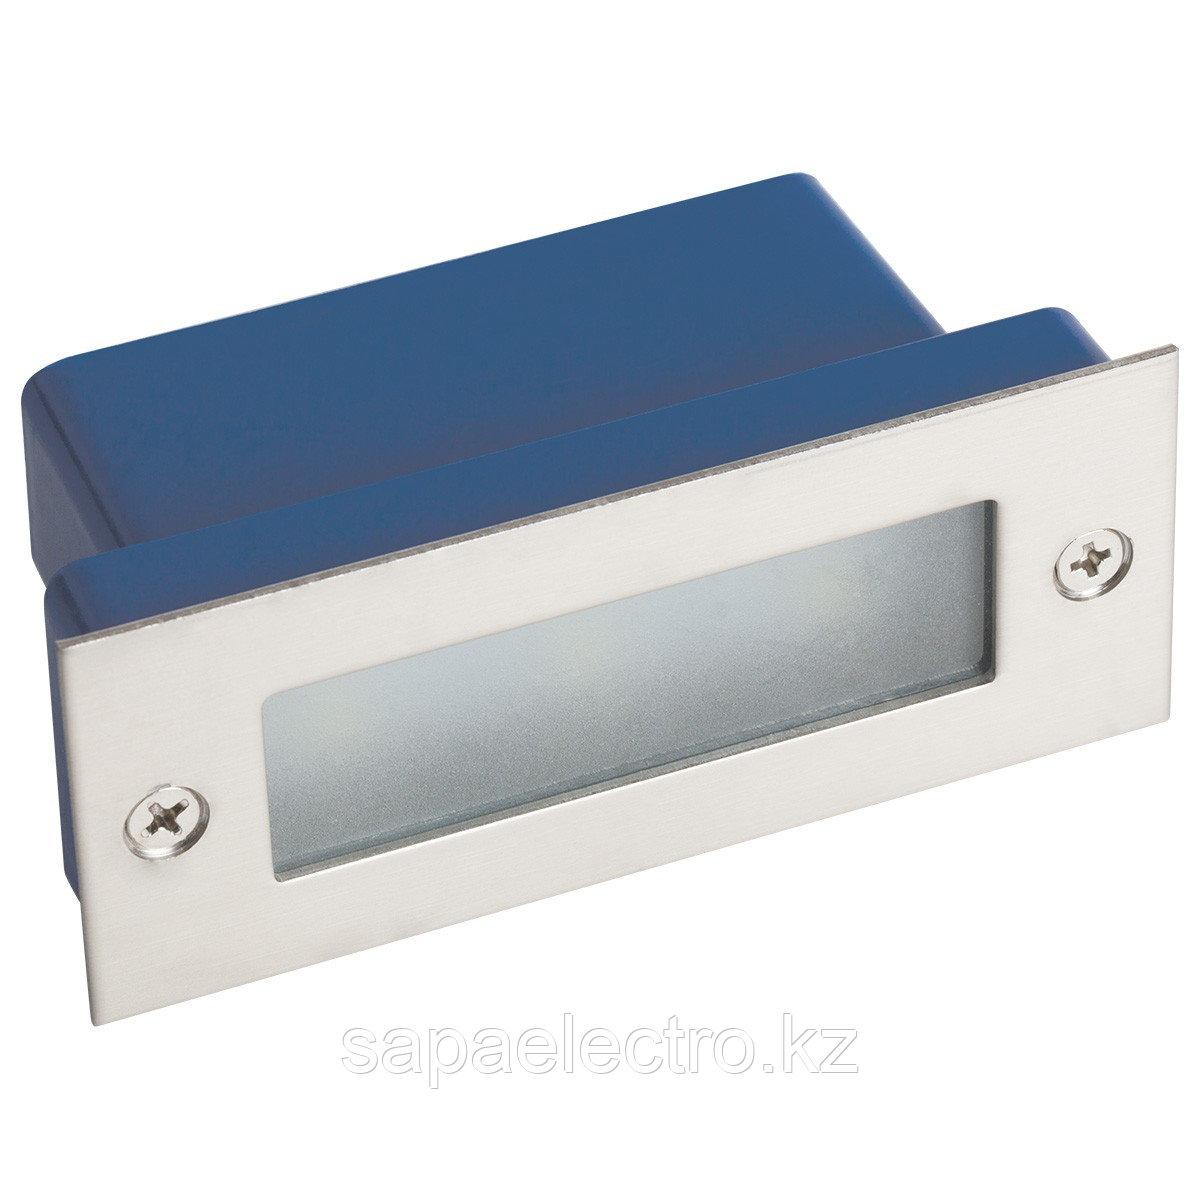 Свет-к  LED GD016 3W  WARM WHITE (TEKSAN)40шт